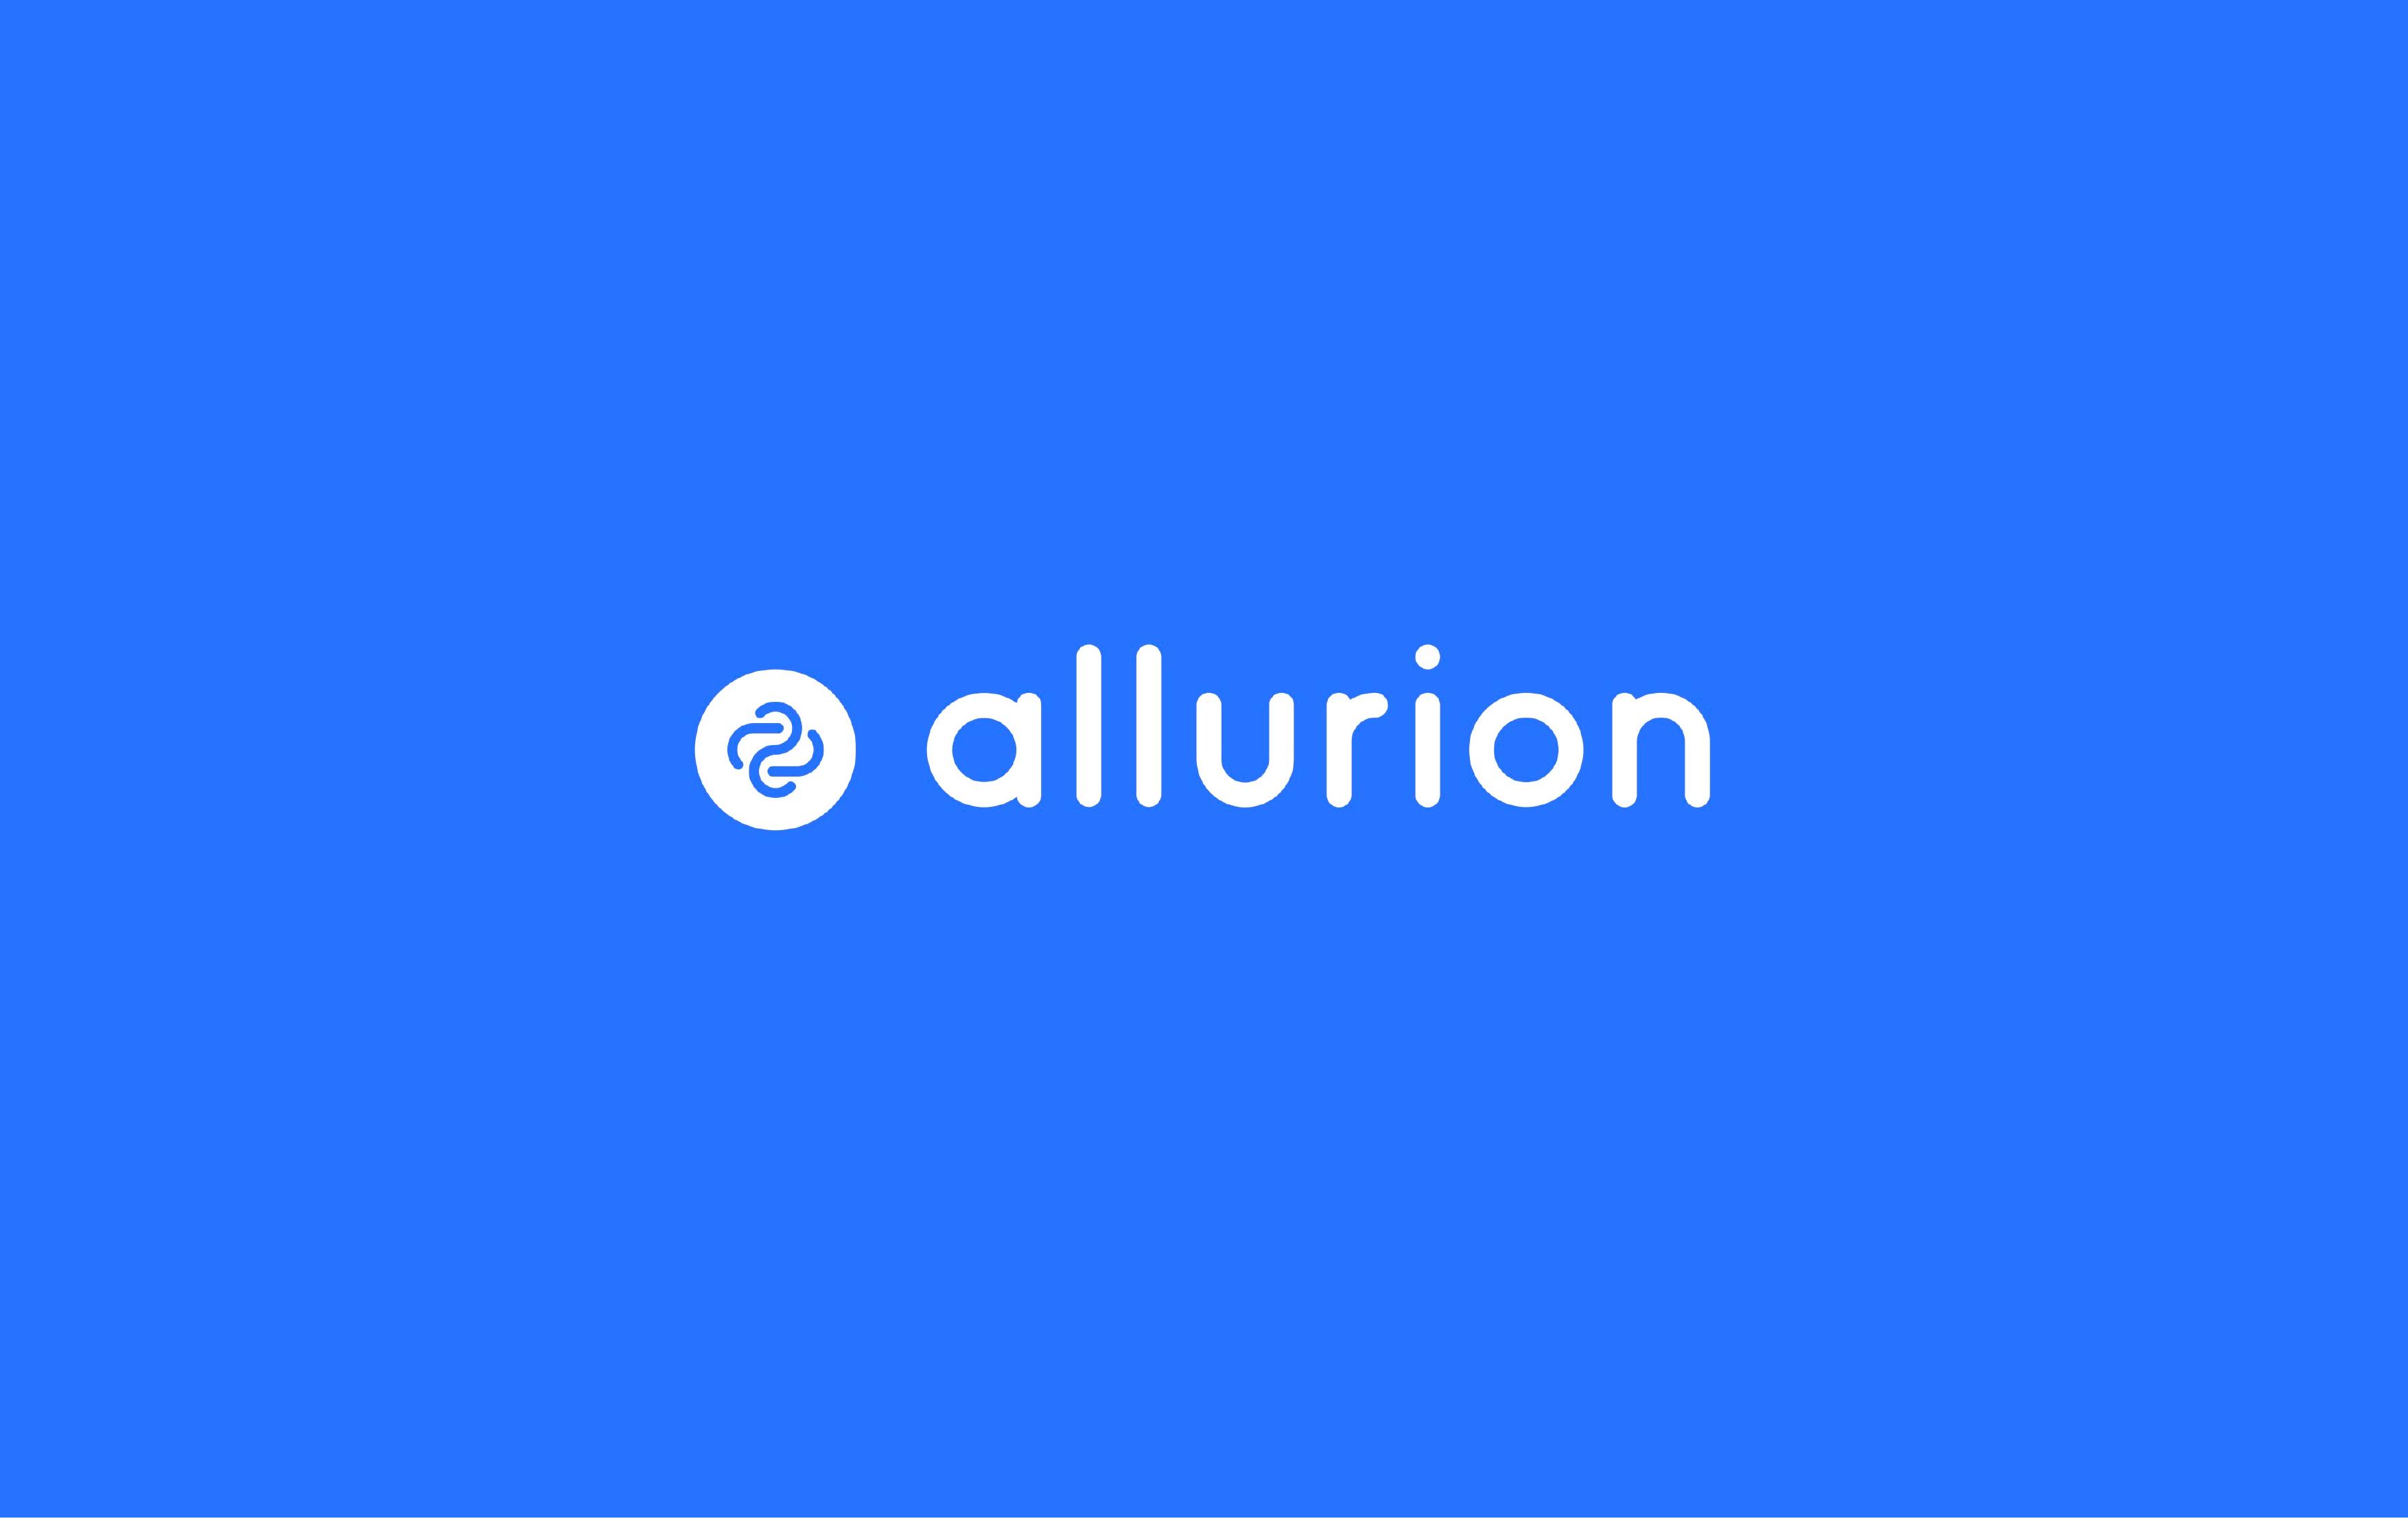 Allurion